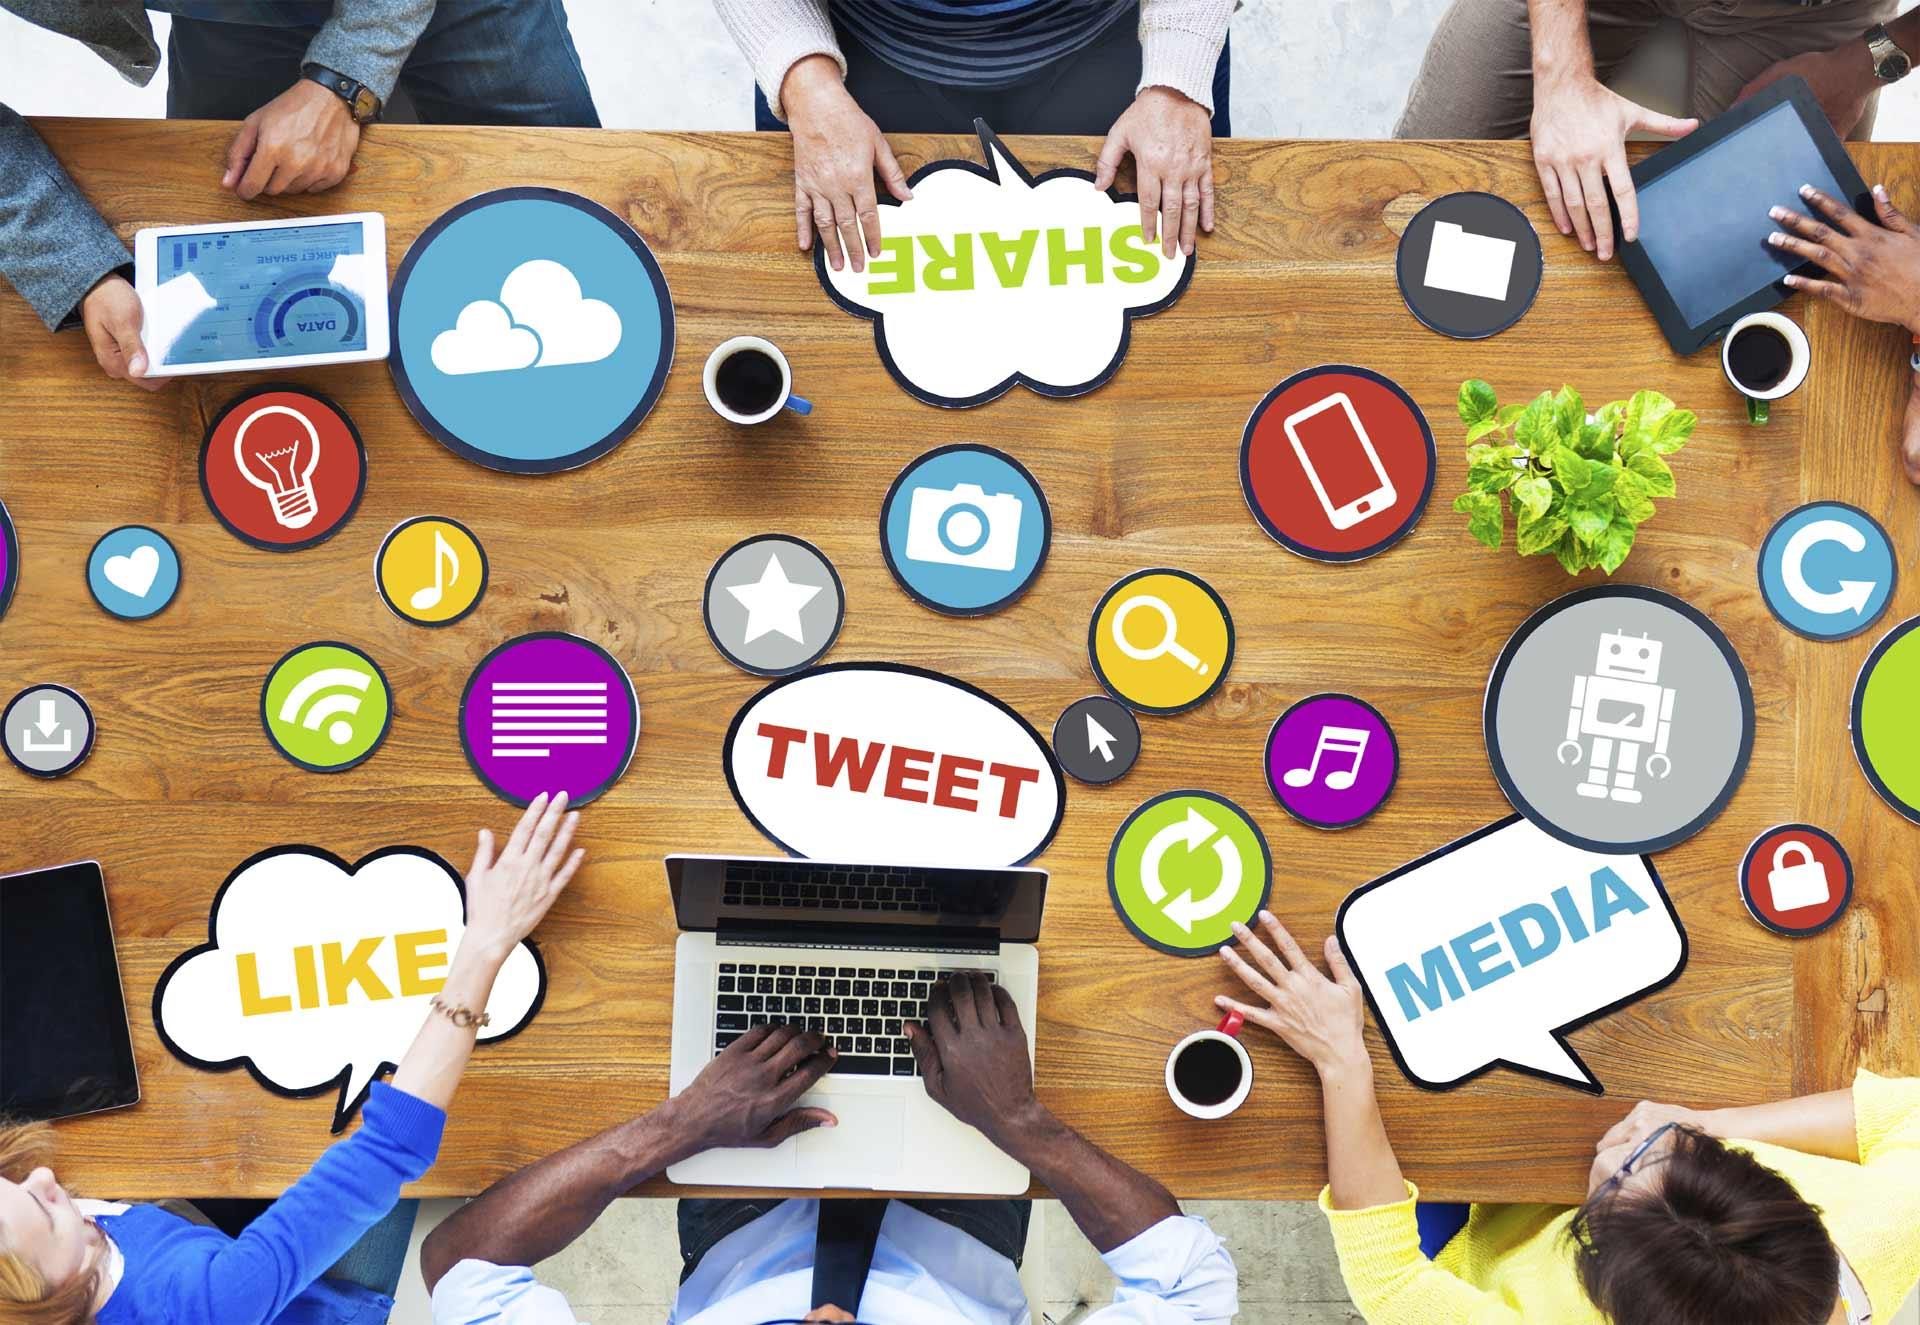 Si aún no decides si debes tener profesionales que manejen las redes sociales de tu compañía, este artículo es para ti